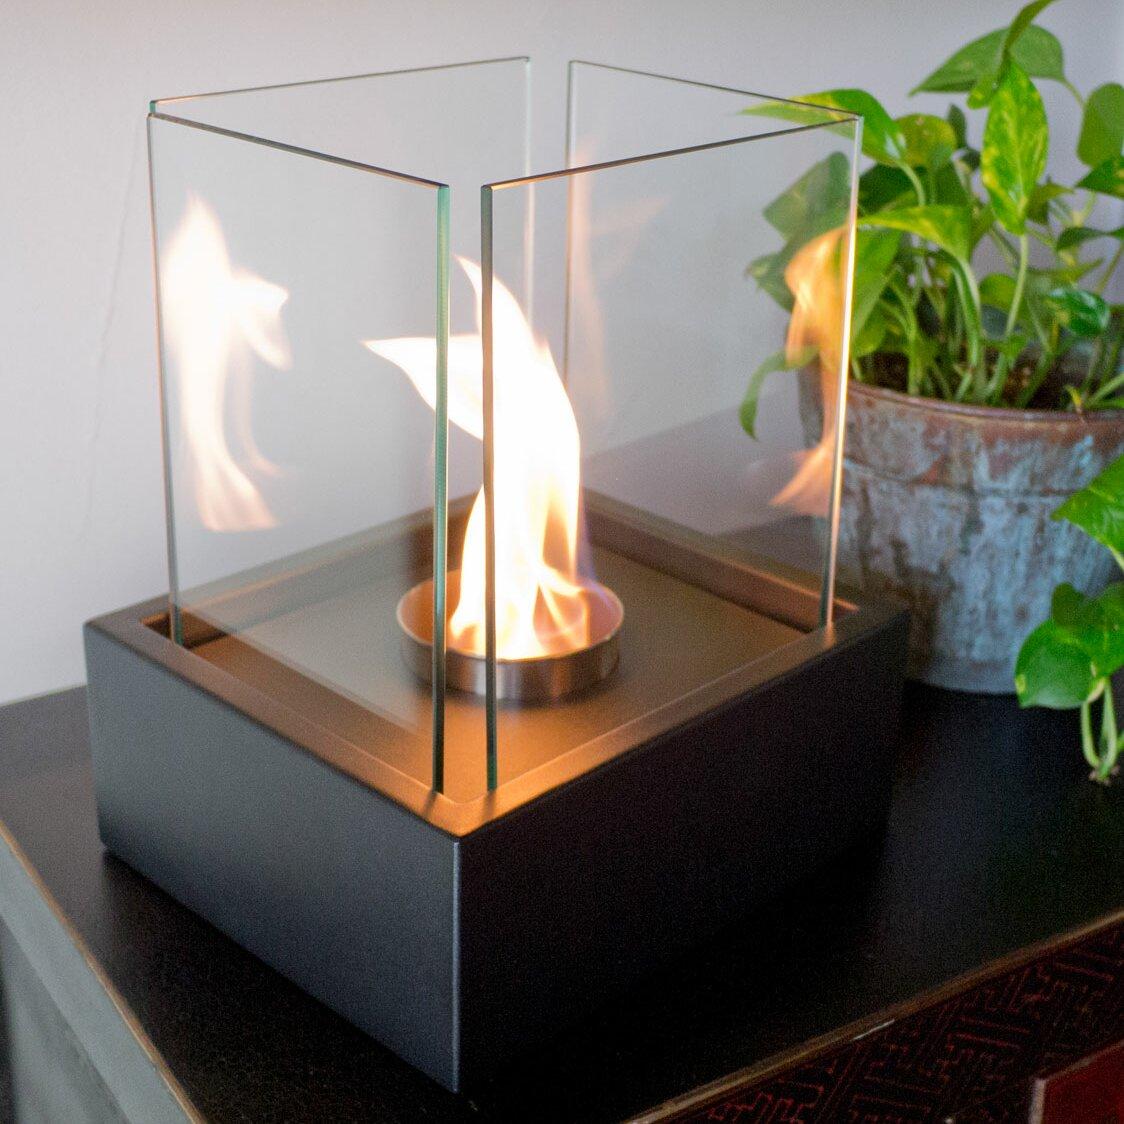 Nu-Flame Lampada Bio-Ethanol Tabletop Fireplace - Nu-Flame Lampada Bio-Ethanol Tabletop Fireplace & Reviews Wayfair